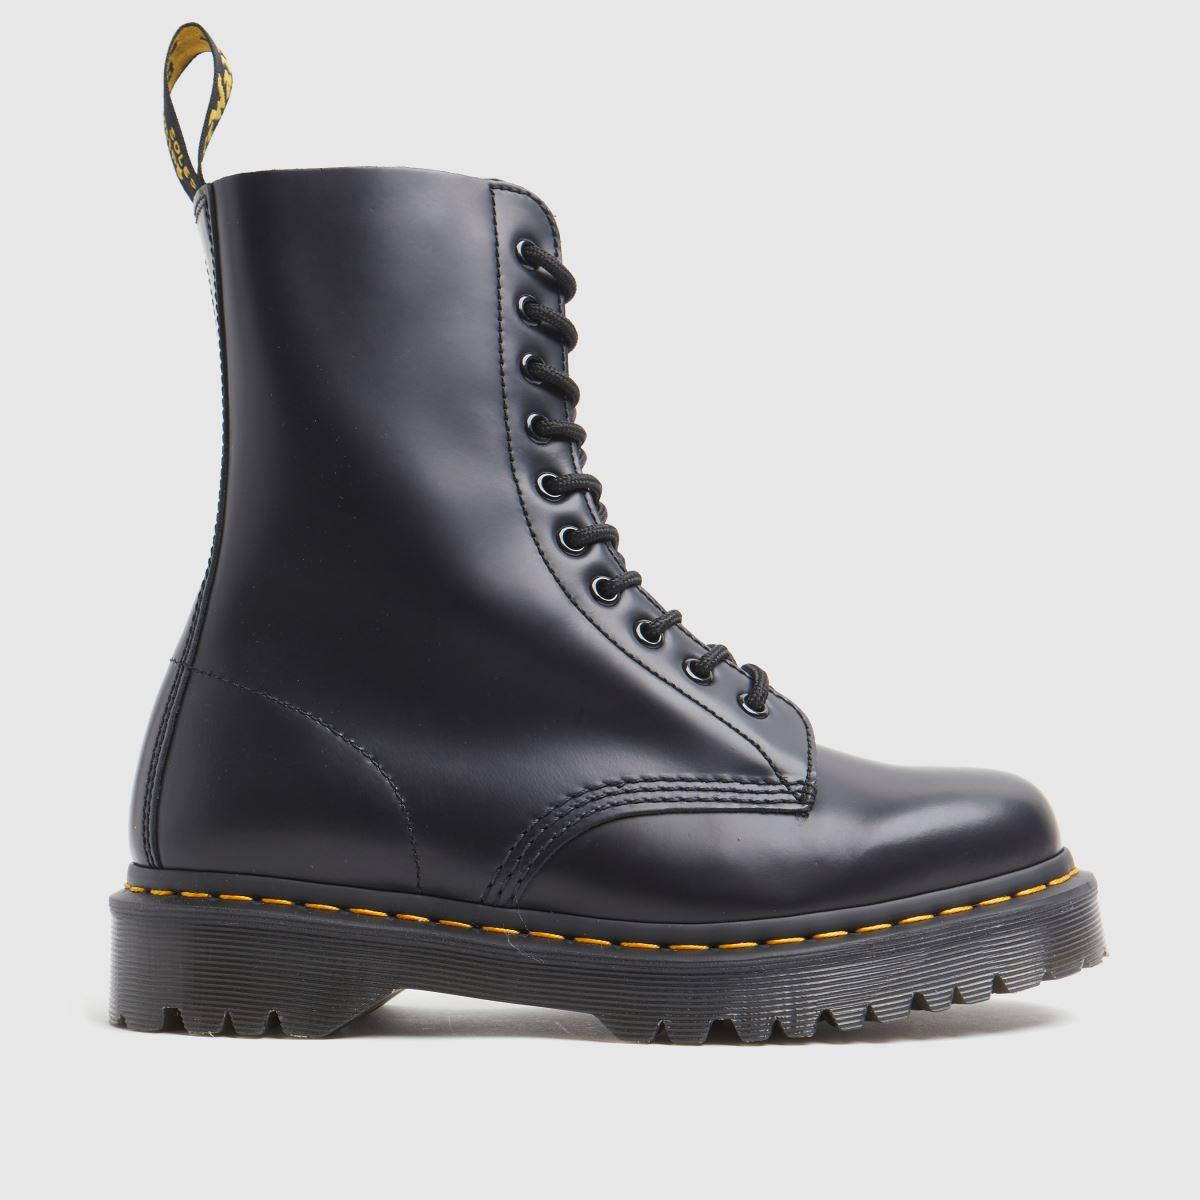 Dr Martens Black 1490 Bex 10 Eye Boots